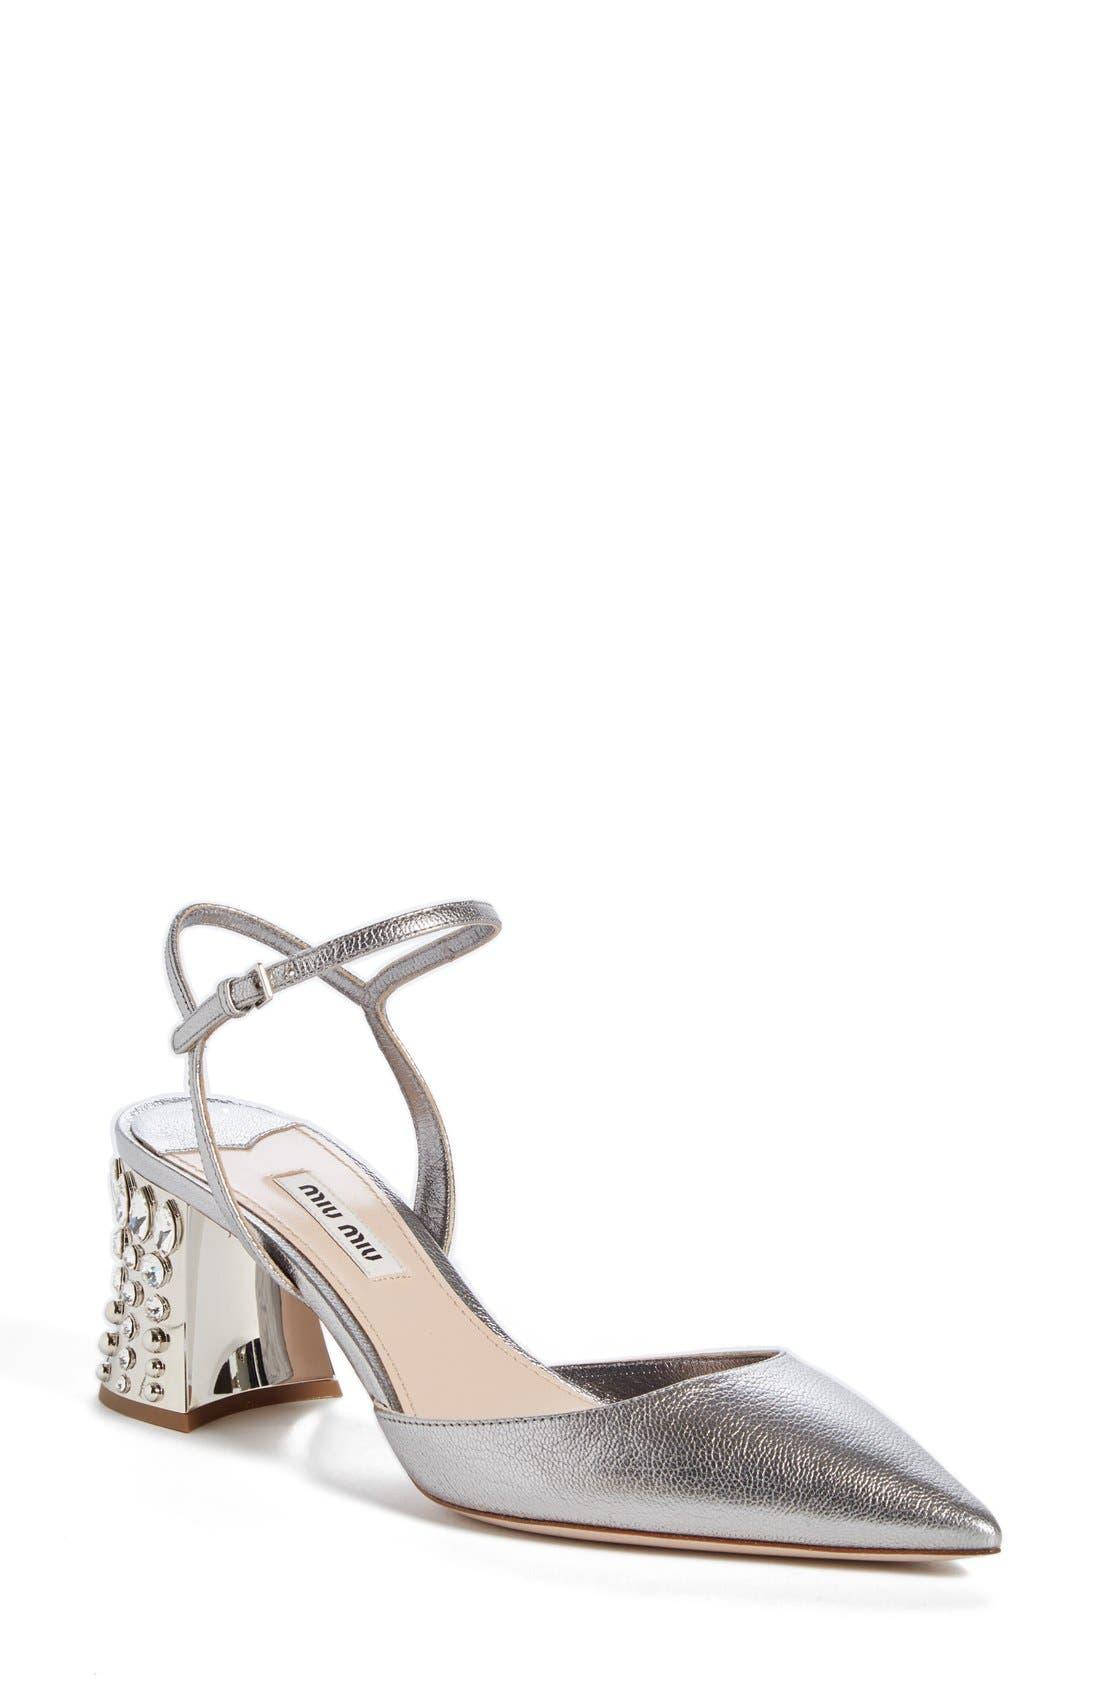 Miu Miu Jeweled Heel Ankle Strap Pump (Women)